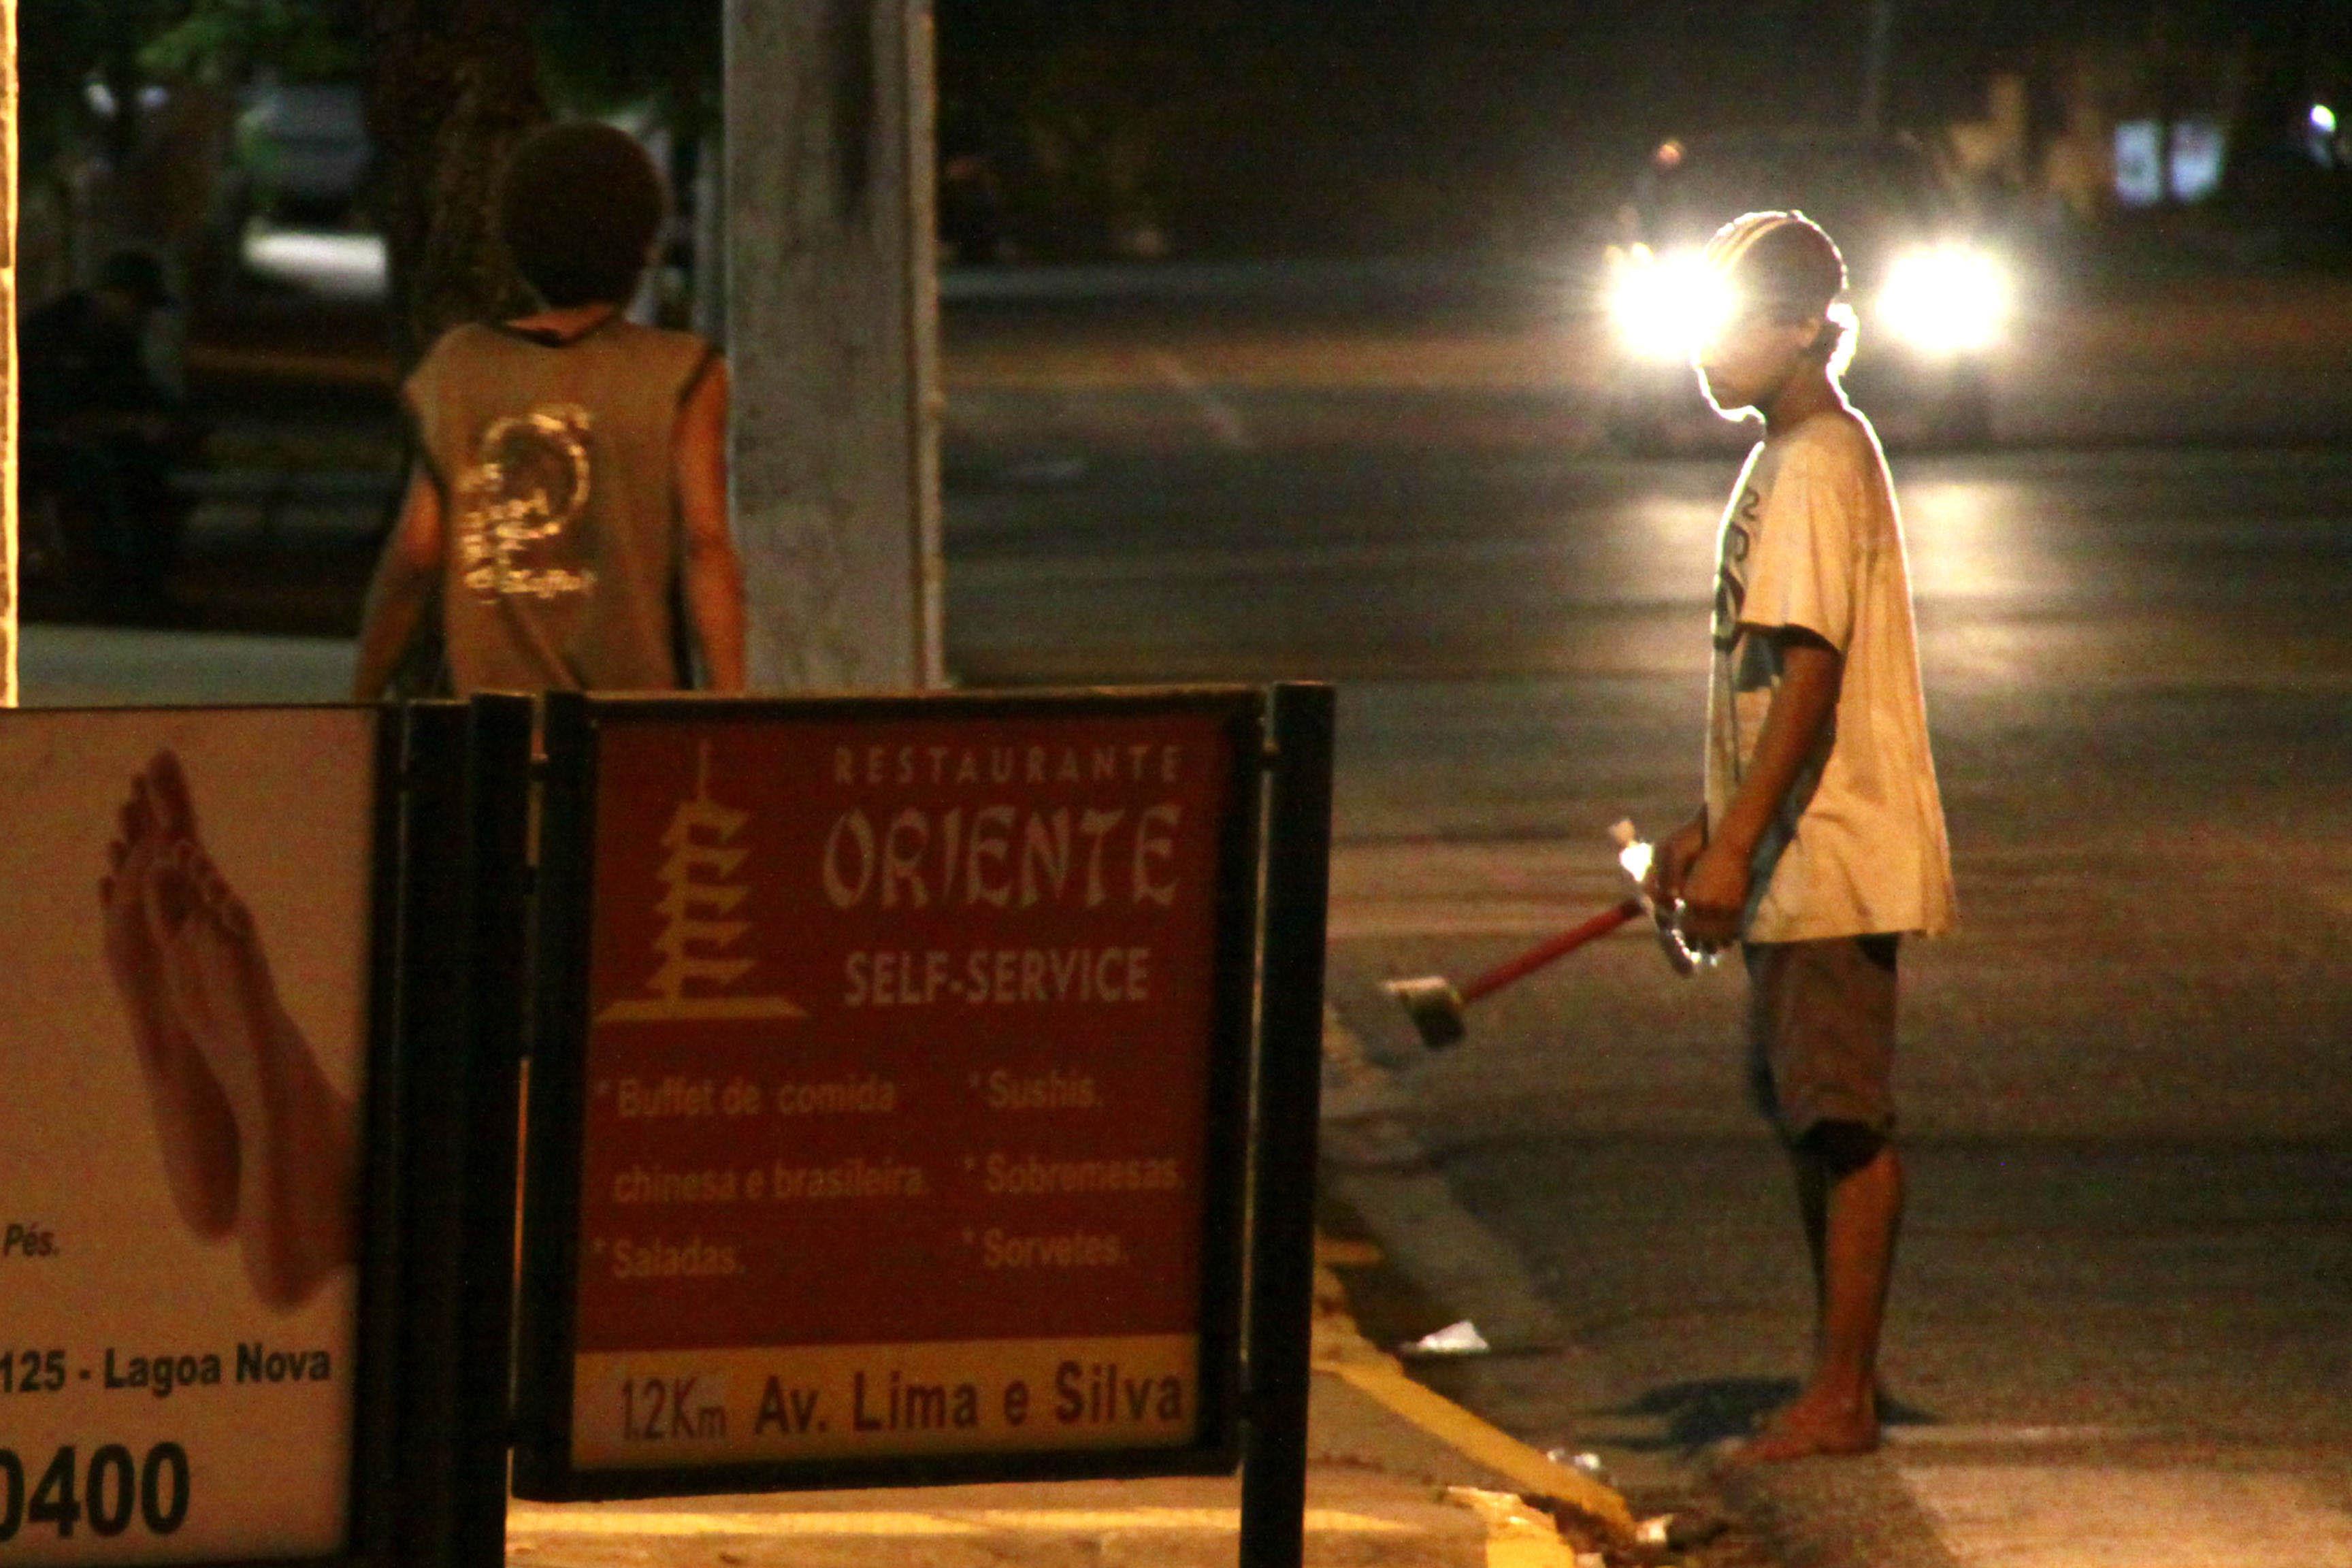 O menino Francisco, 17 anos, vive na rua após fugir várias vezes da Casa de Passagem. A última fuga ocorreu depois de esfaquear colega